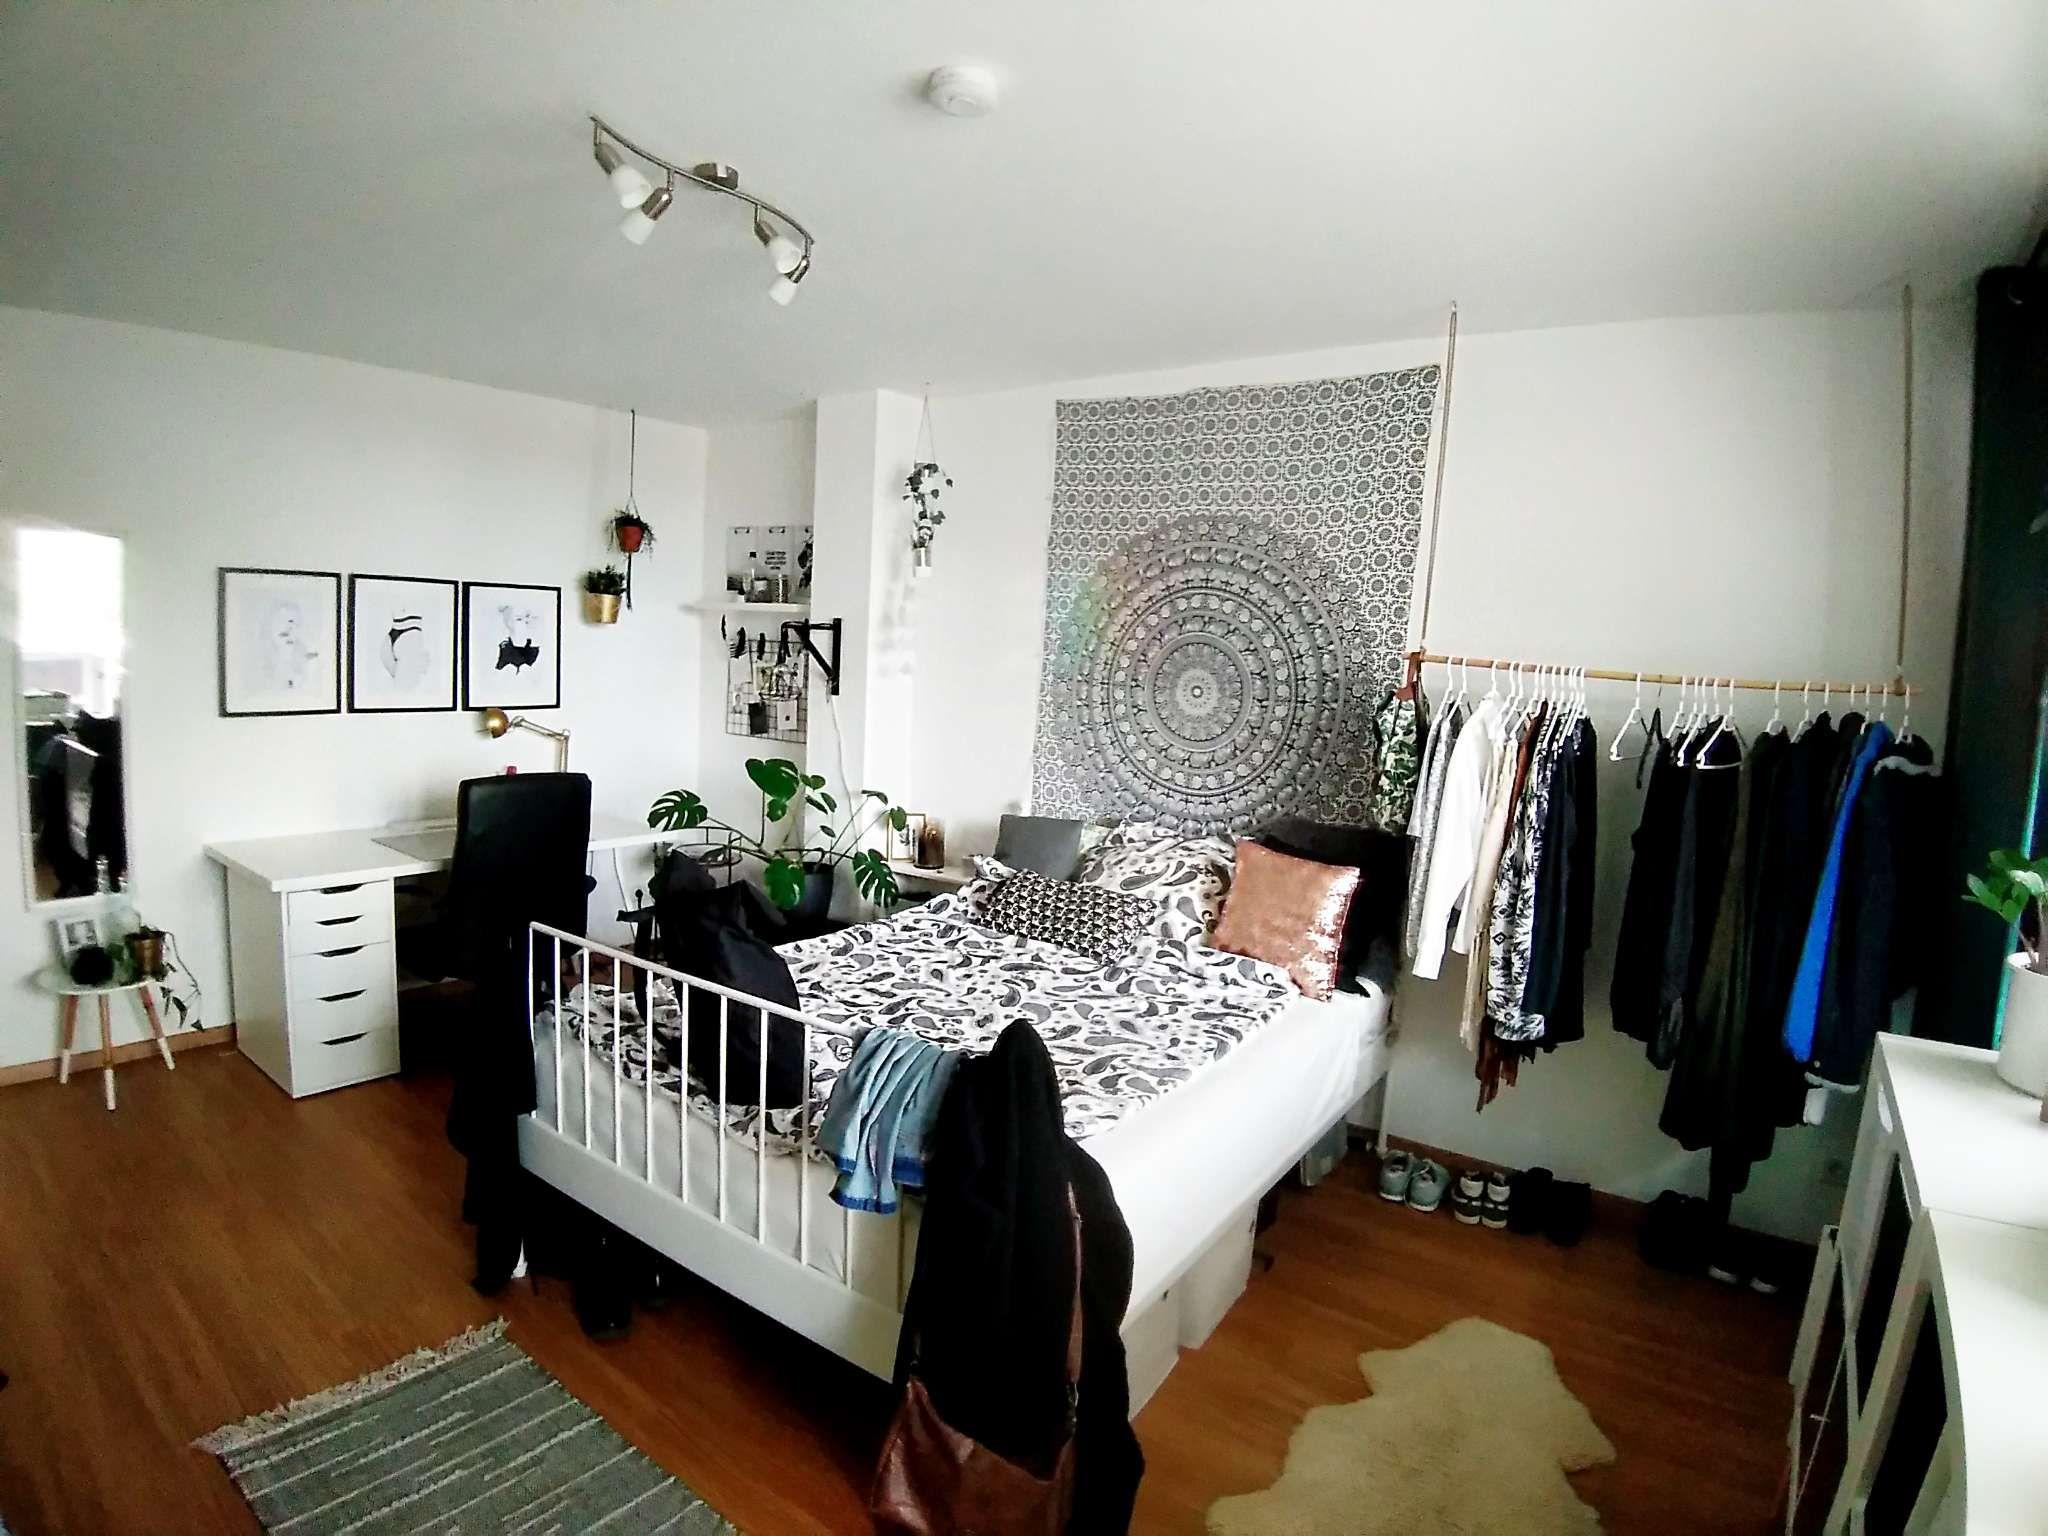 Helles Und Schönes Wg Zimmer Mit Mandala Tuch über Dem